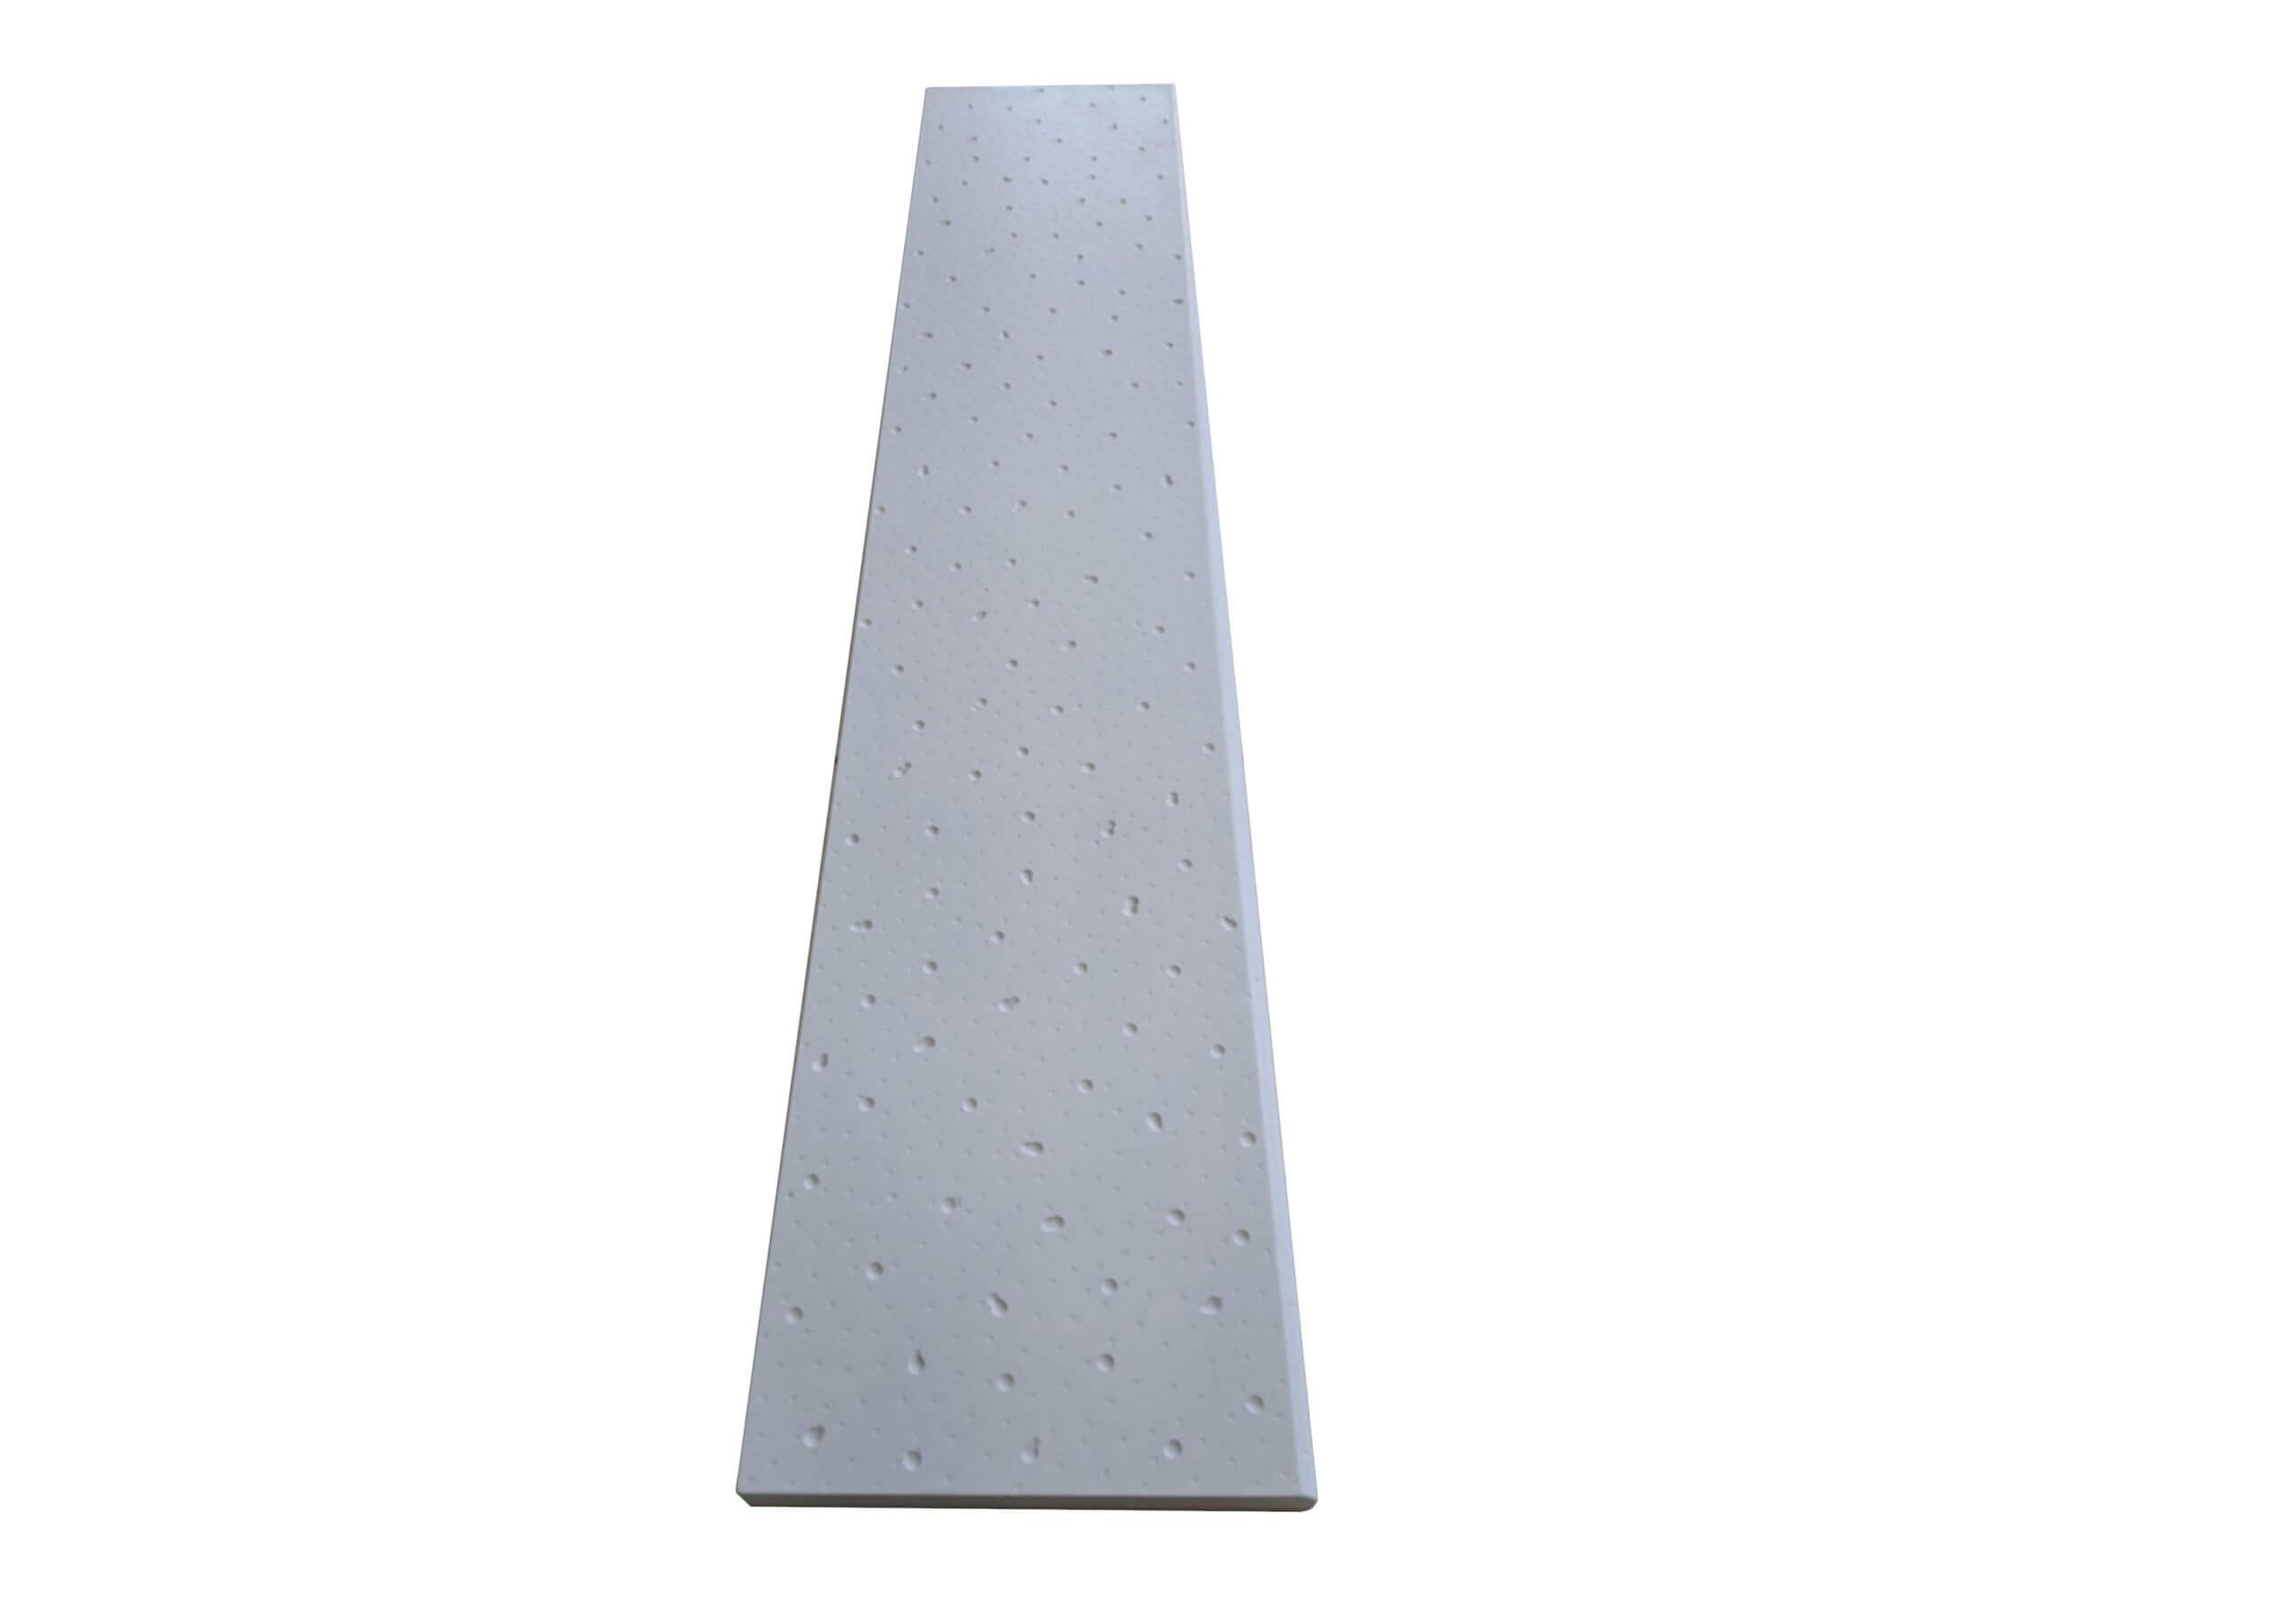 Borda de Piscina Gotas 100X20 - Revestimento cimenticio 3D